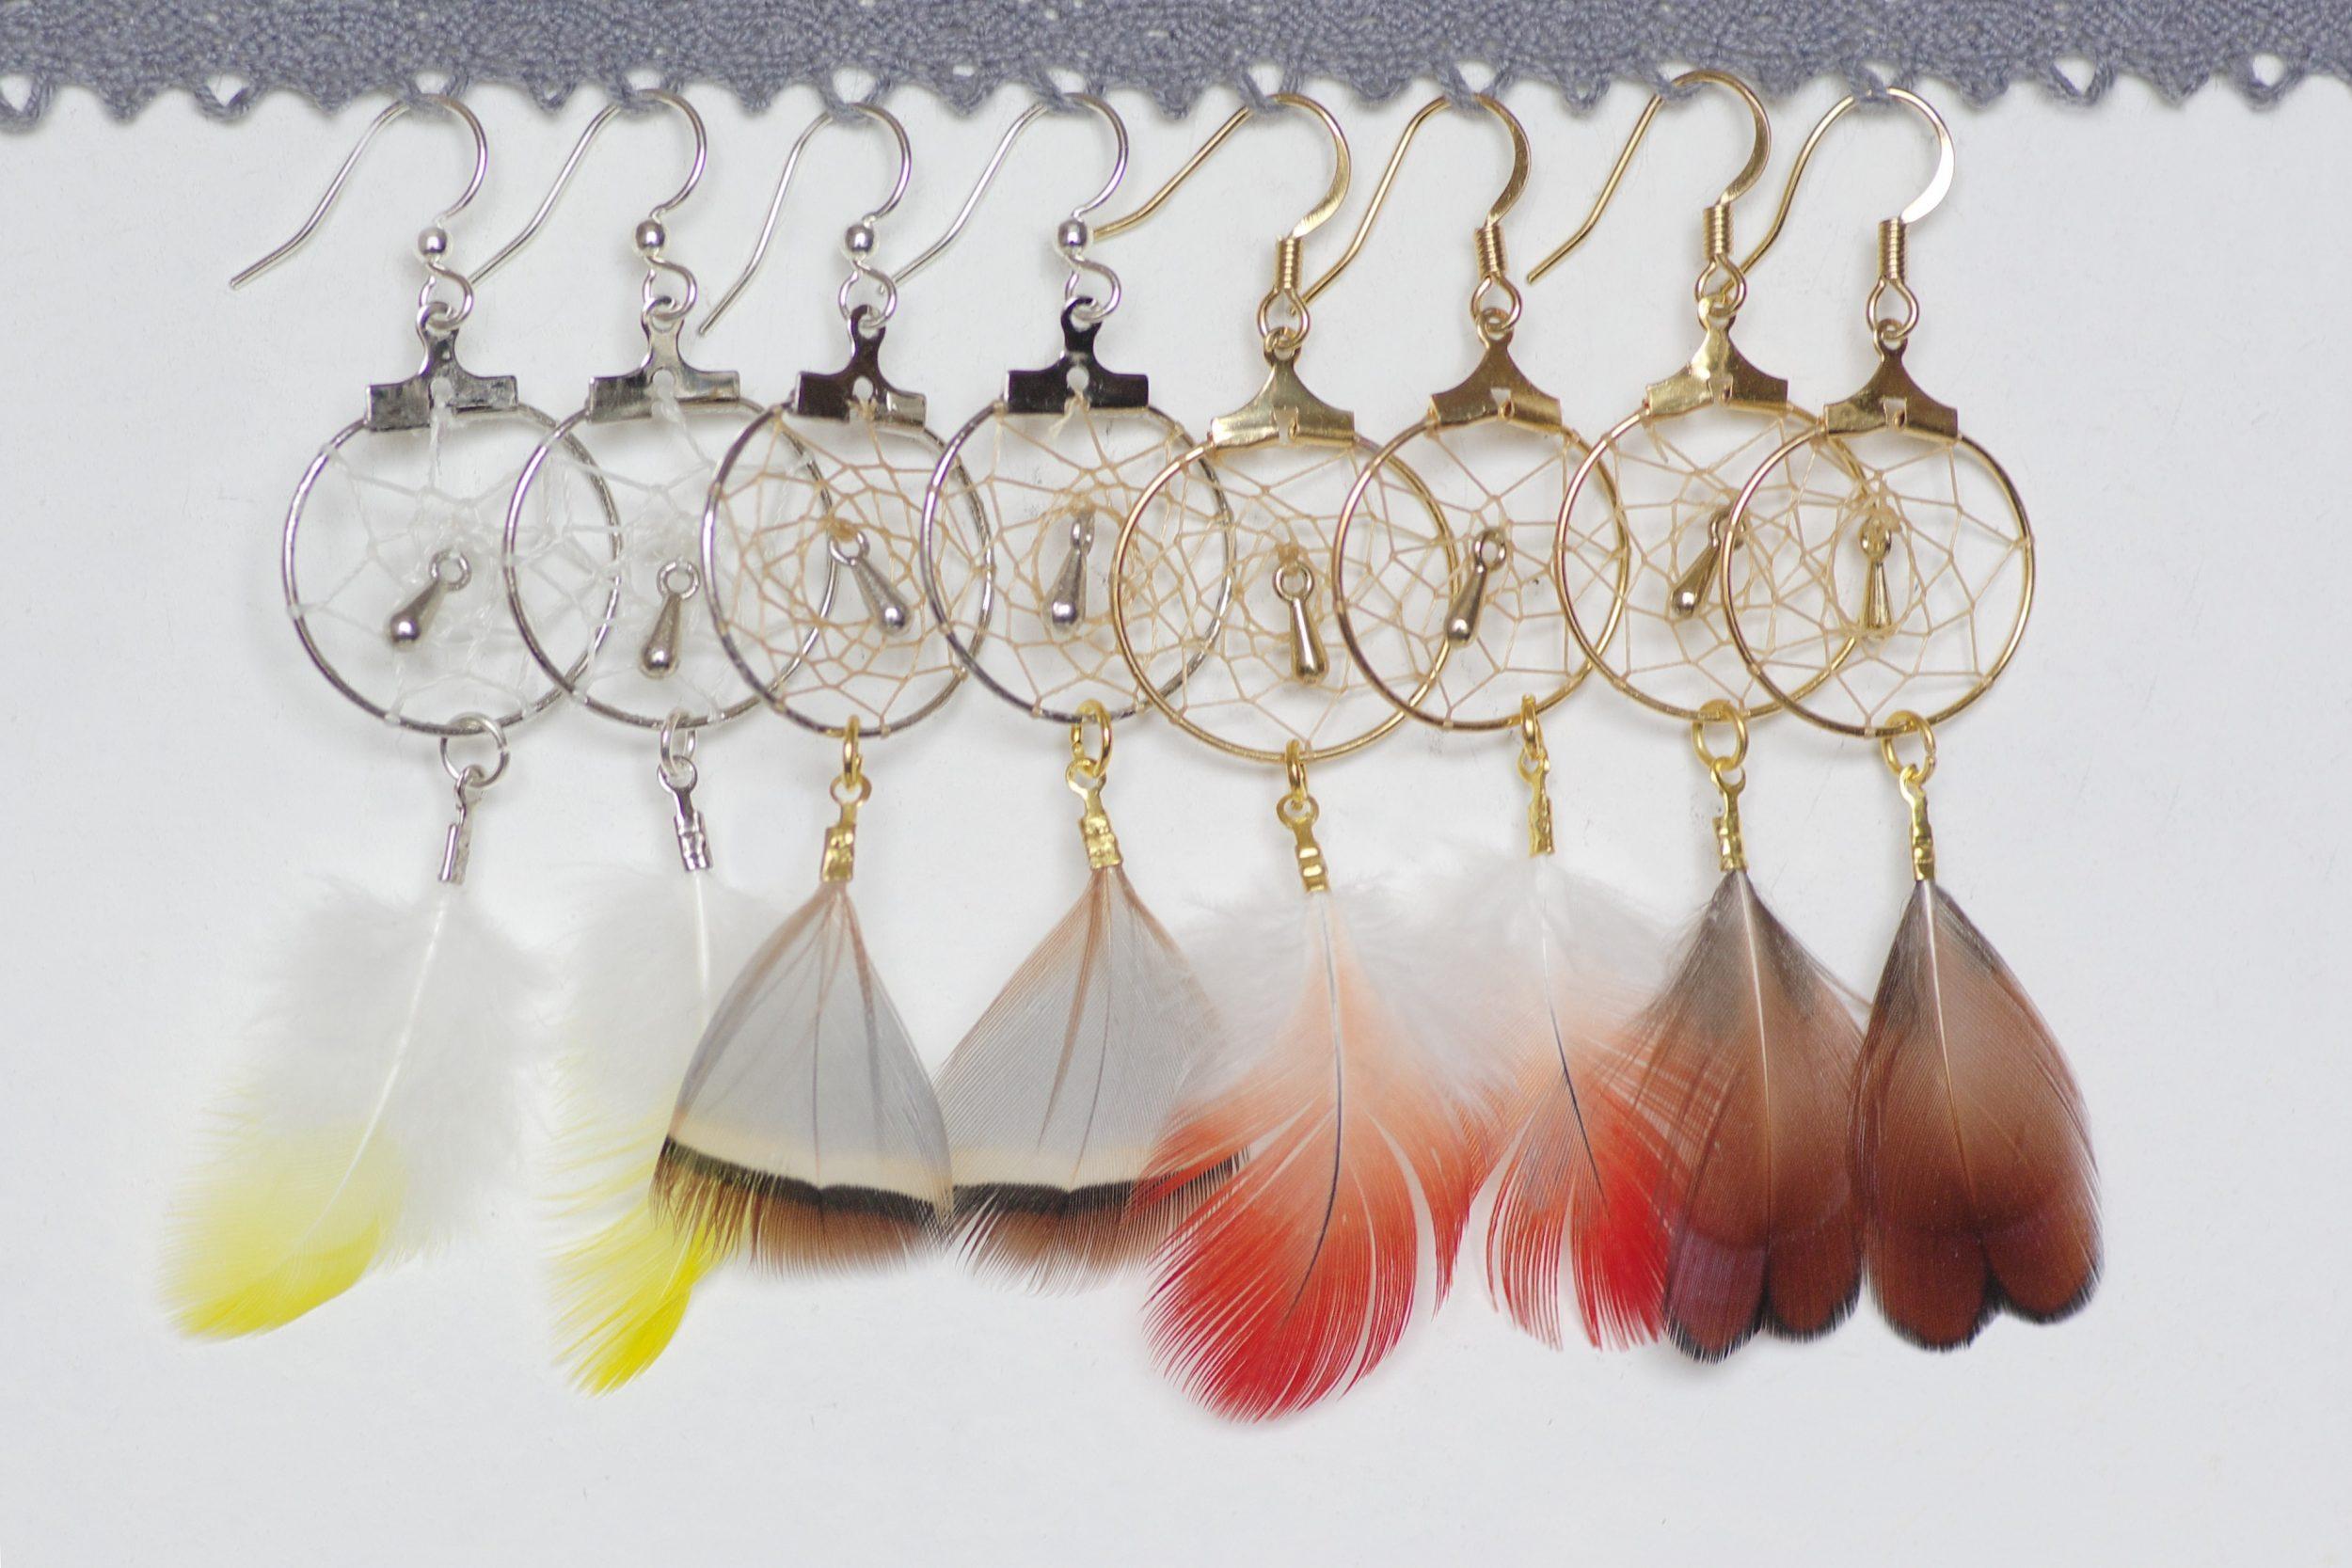 boucles d'oreilles dreamcatcher doré ou argenté avec des plumes naturelles de couleurs variées